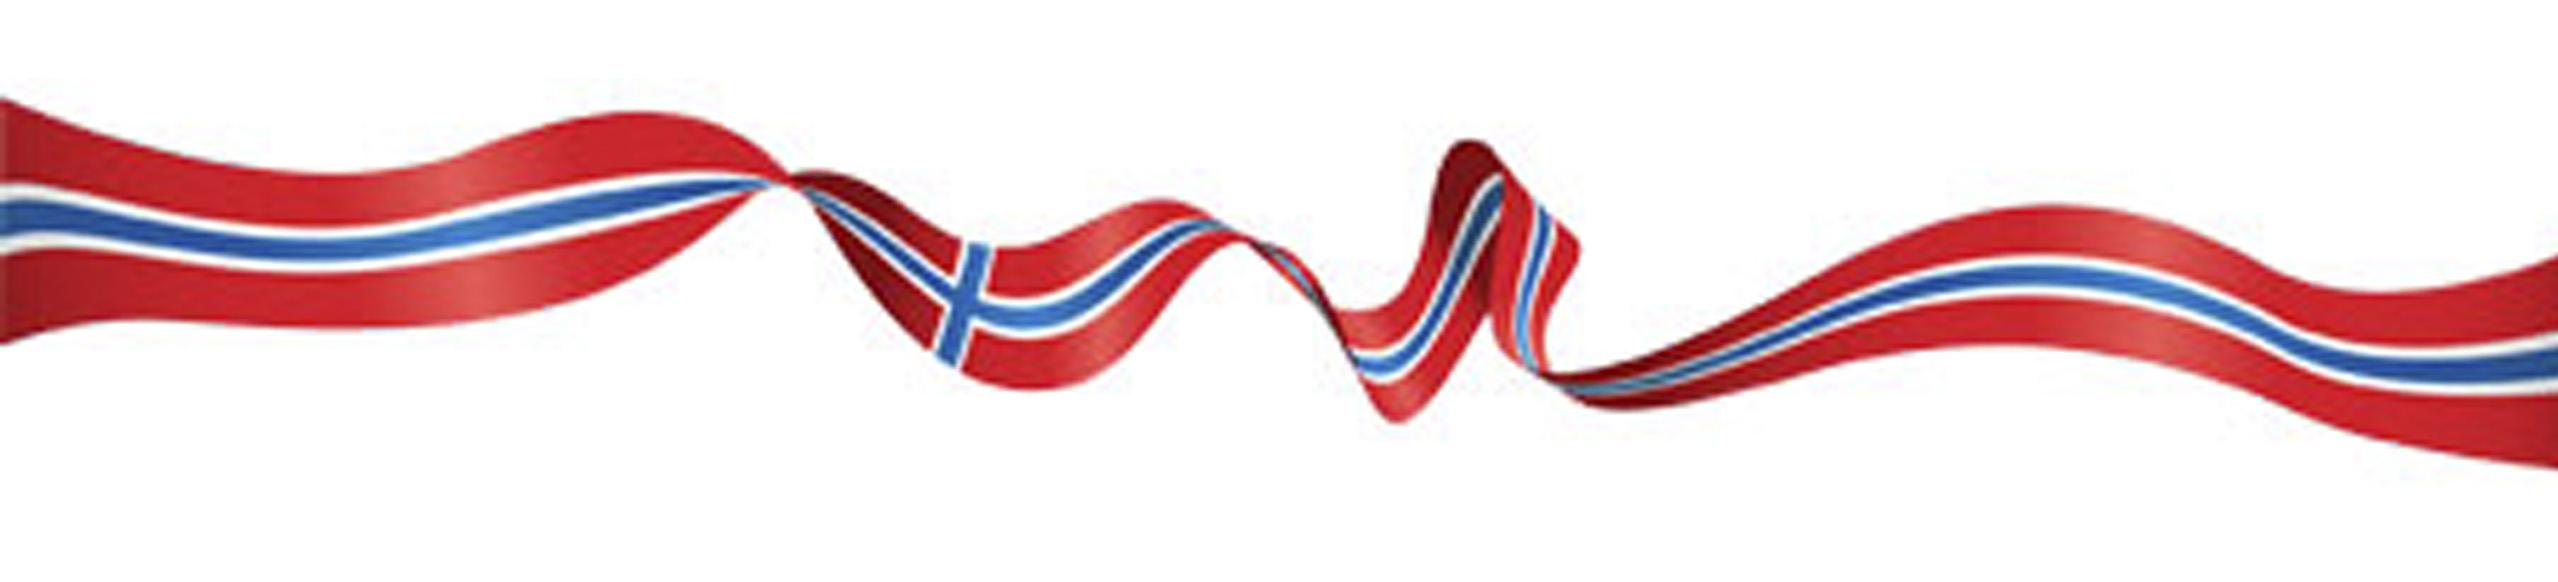 Flagg banner